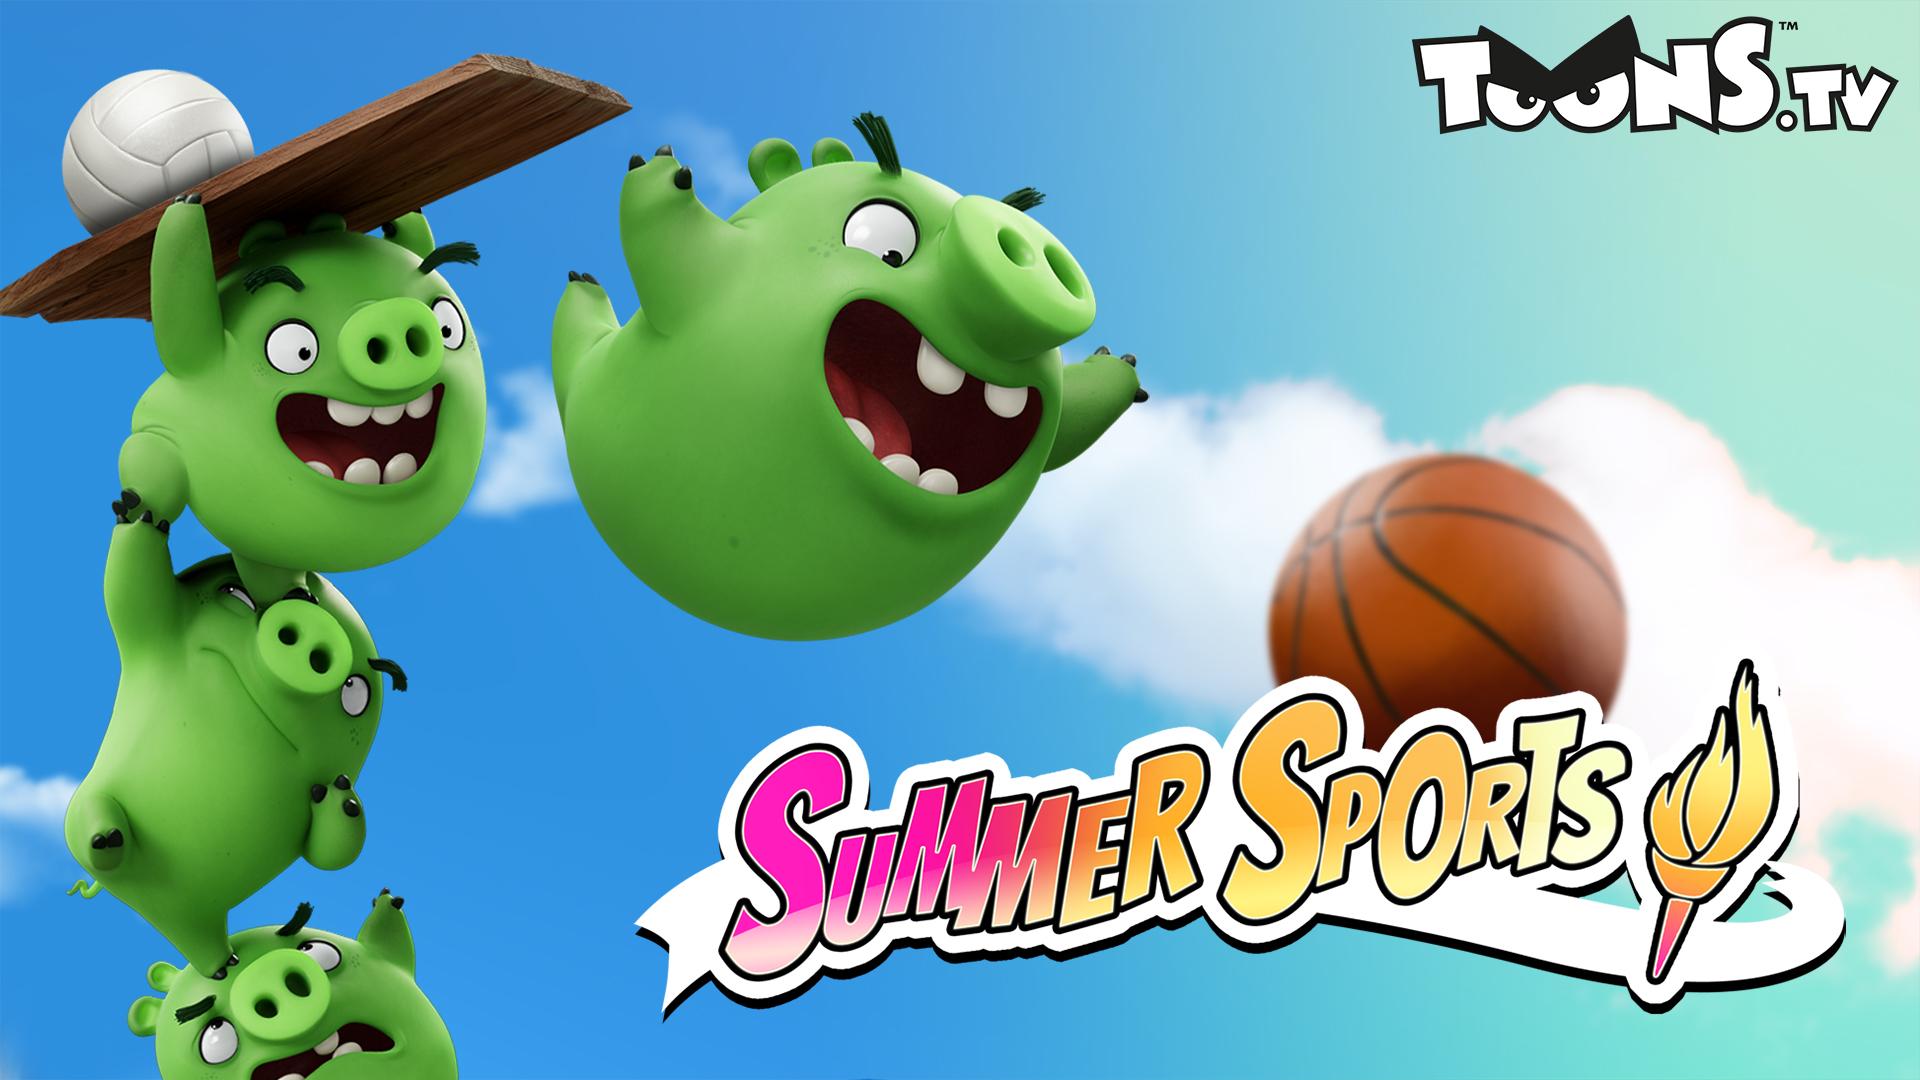 SummerSports_1920x1080